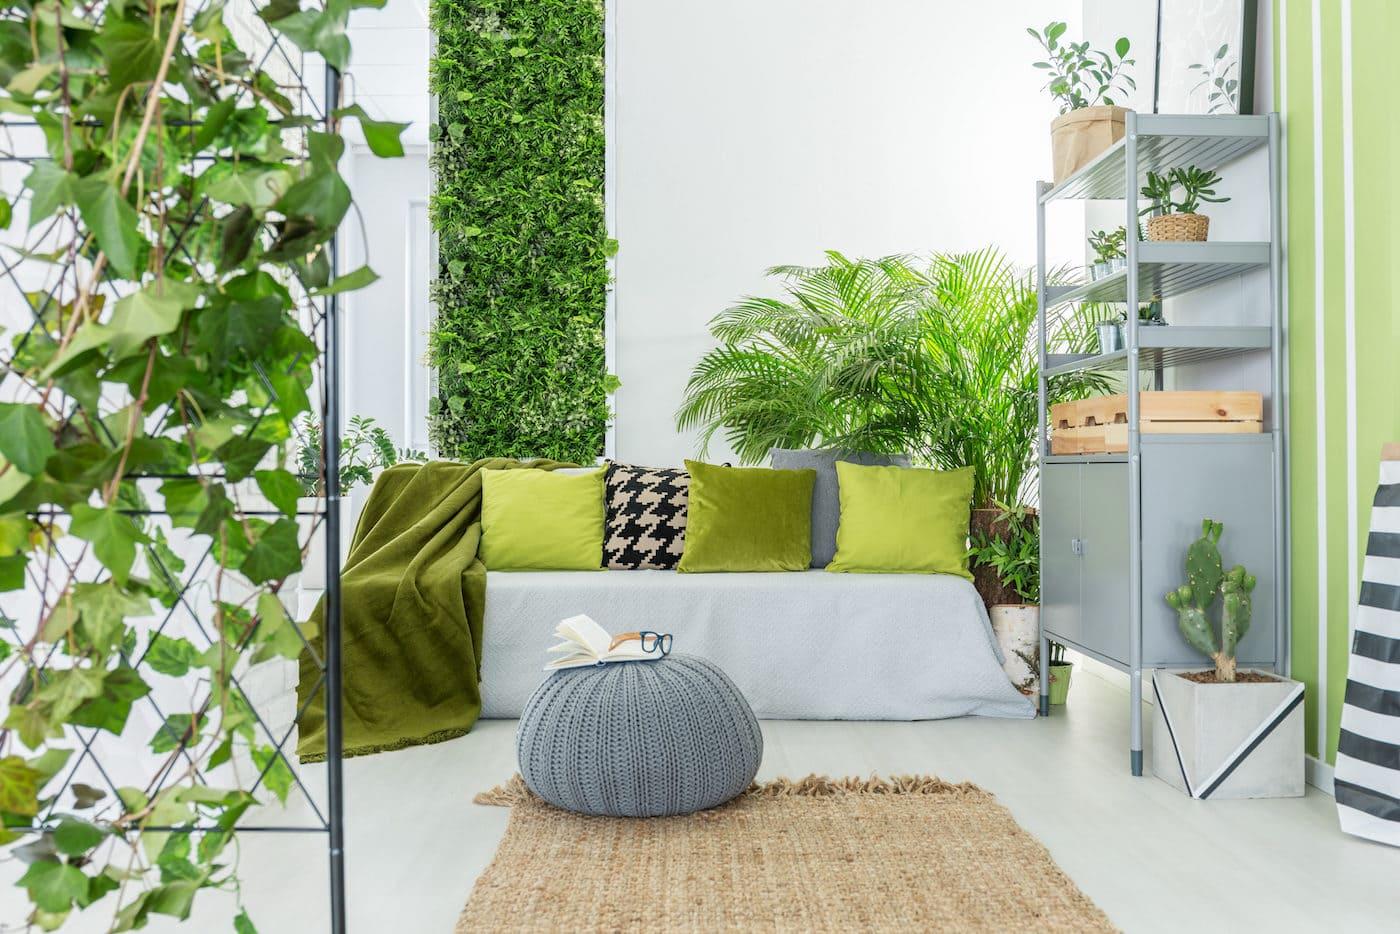 комнатные растения в интерьере фото 24